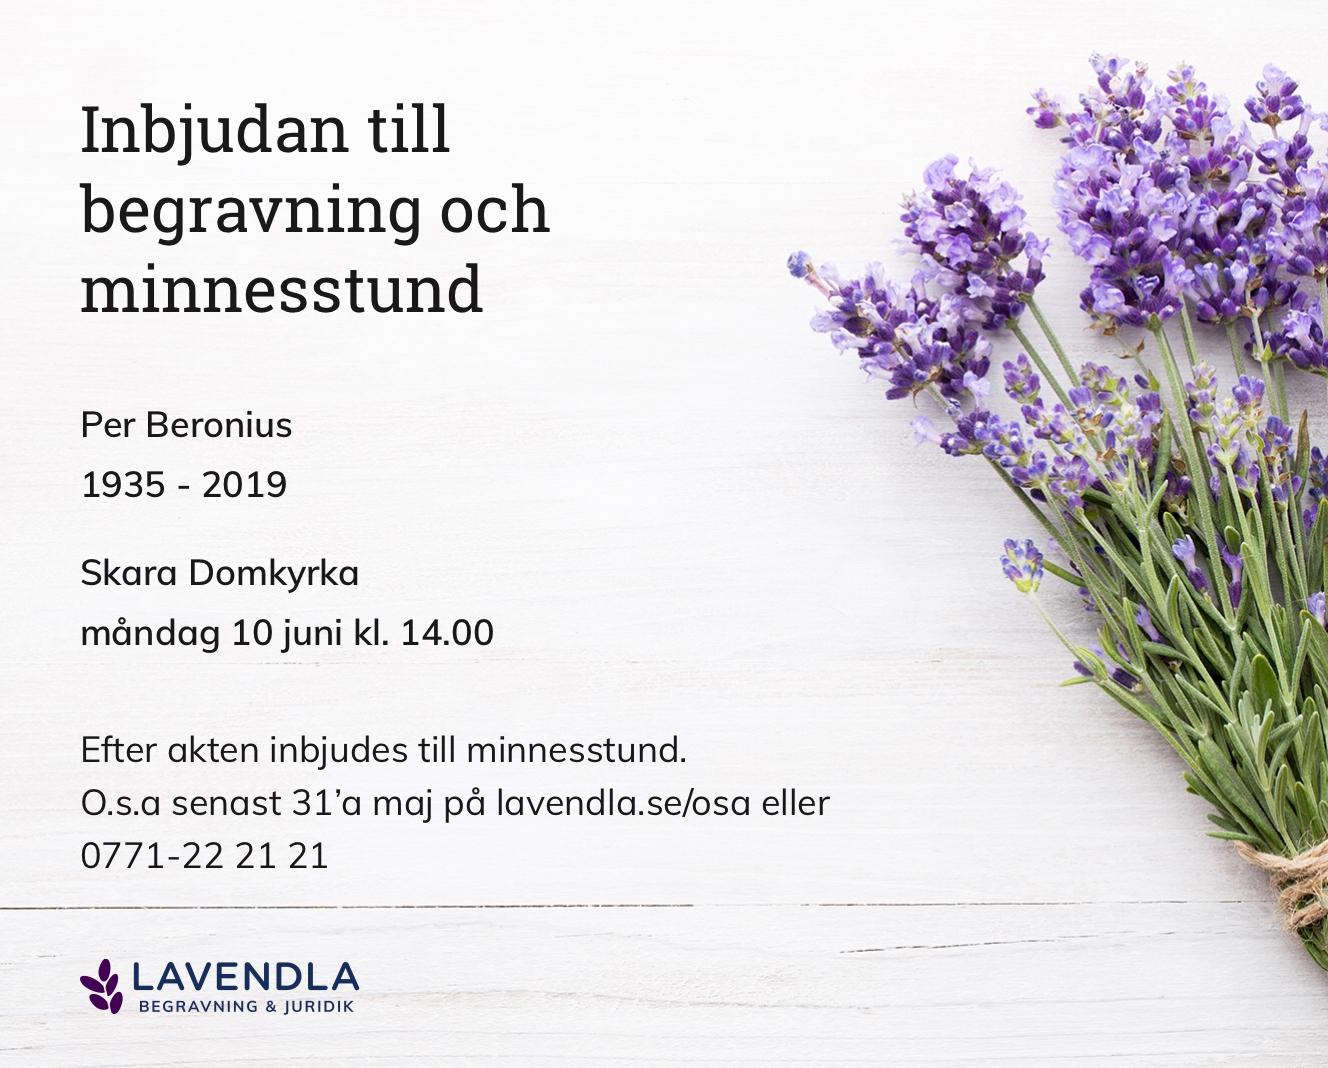 Inbjudningskort till ceremonin för Per Beronius